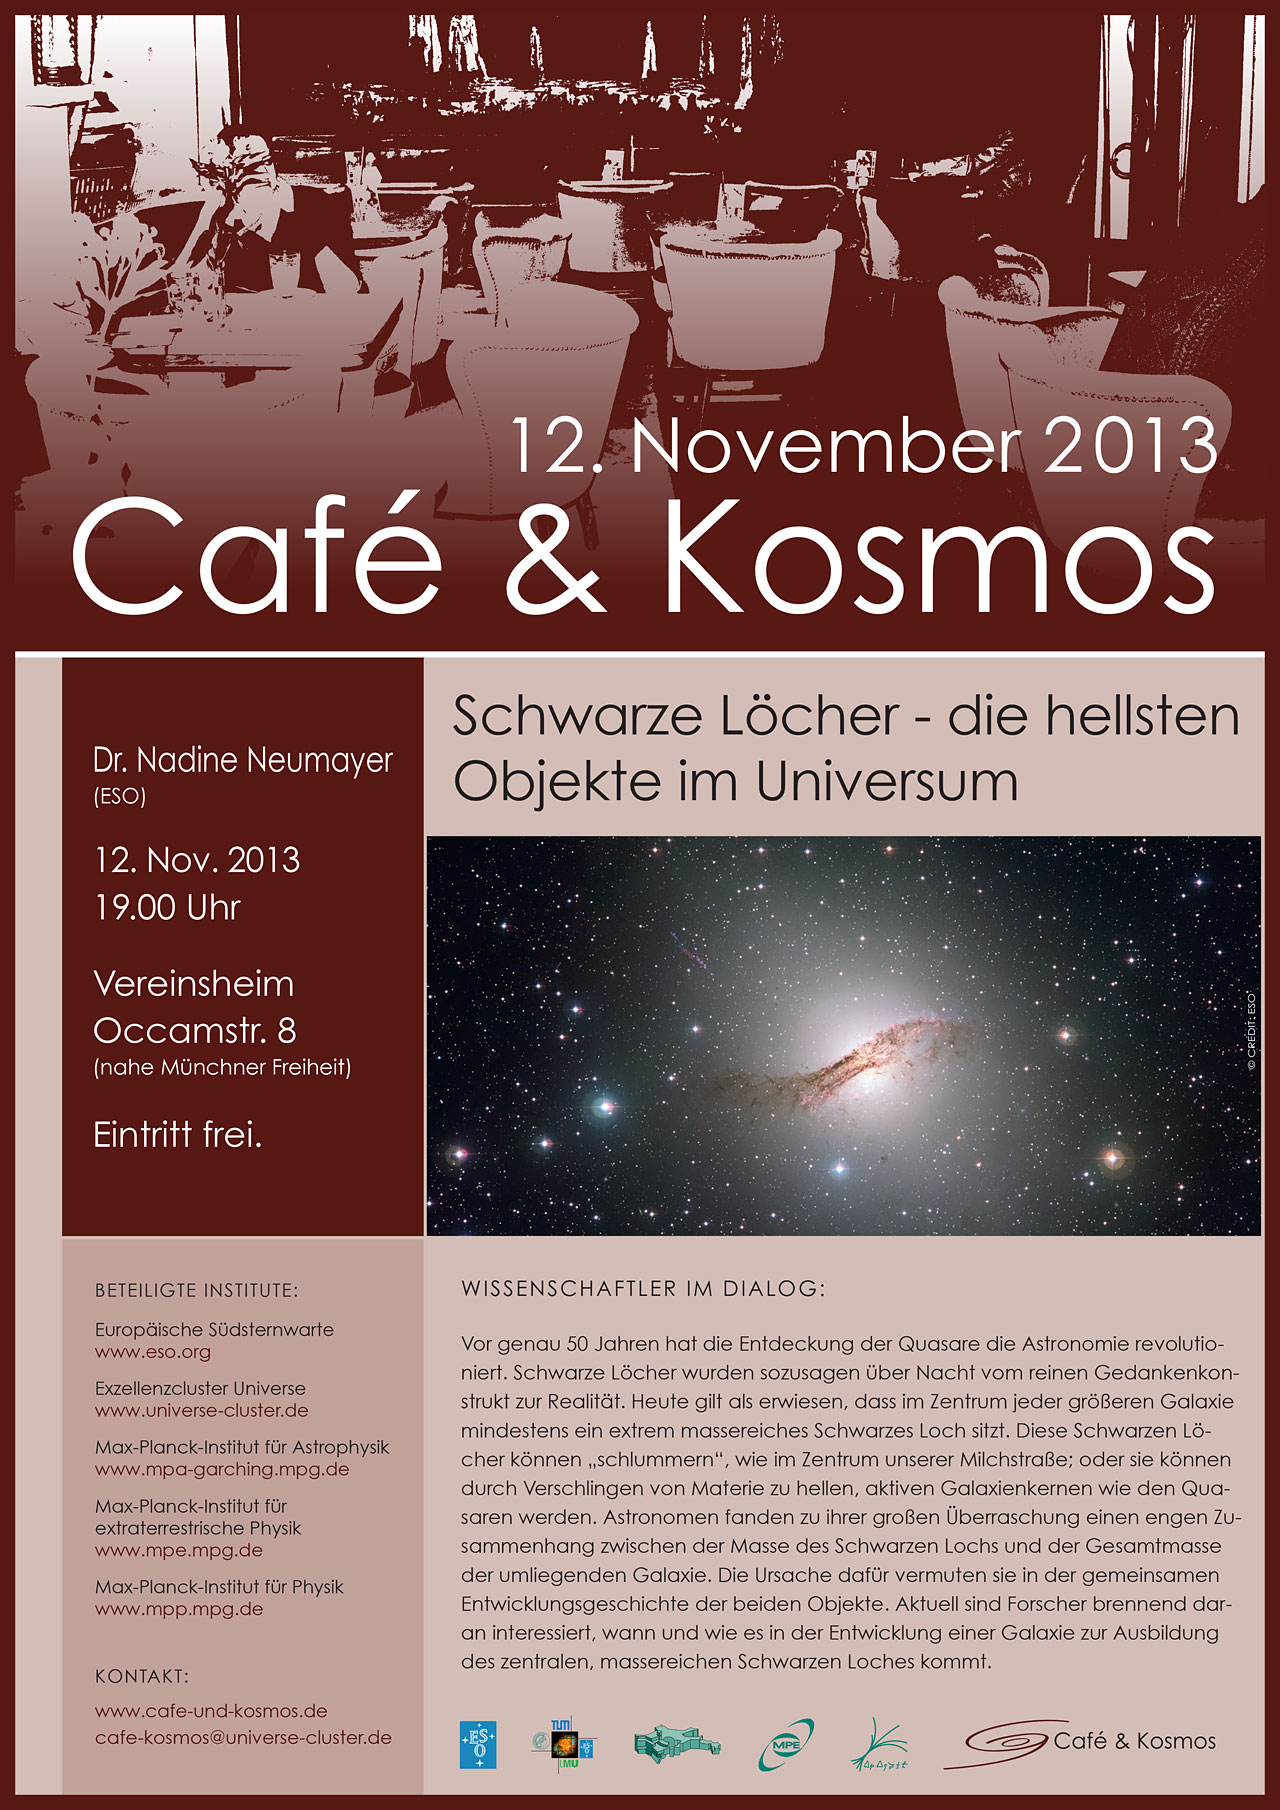 Café & Kosmos 12 November 2013